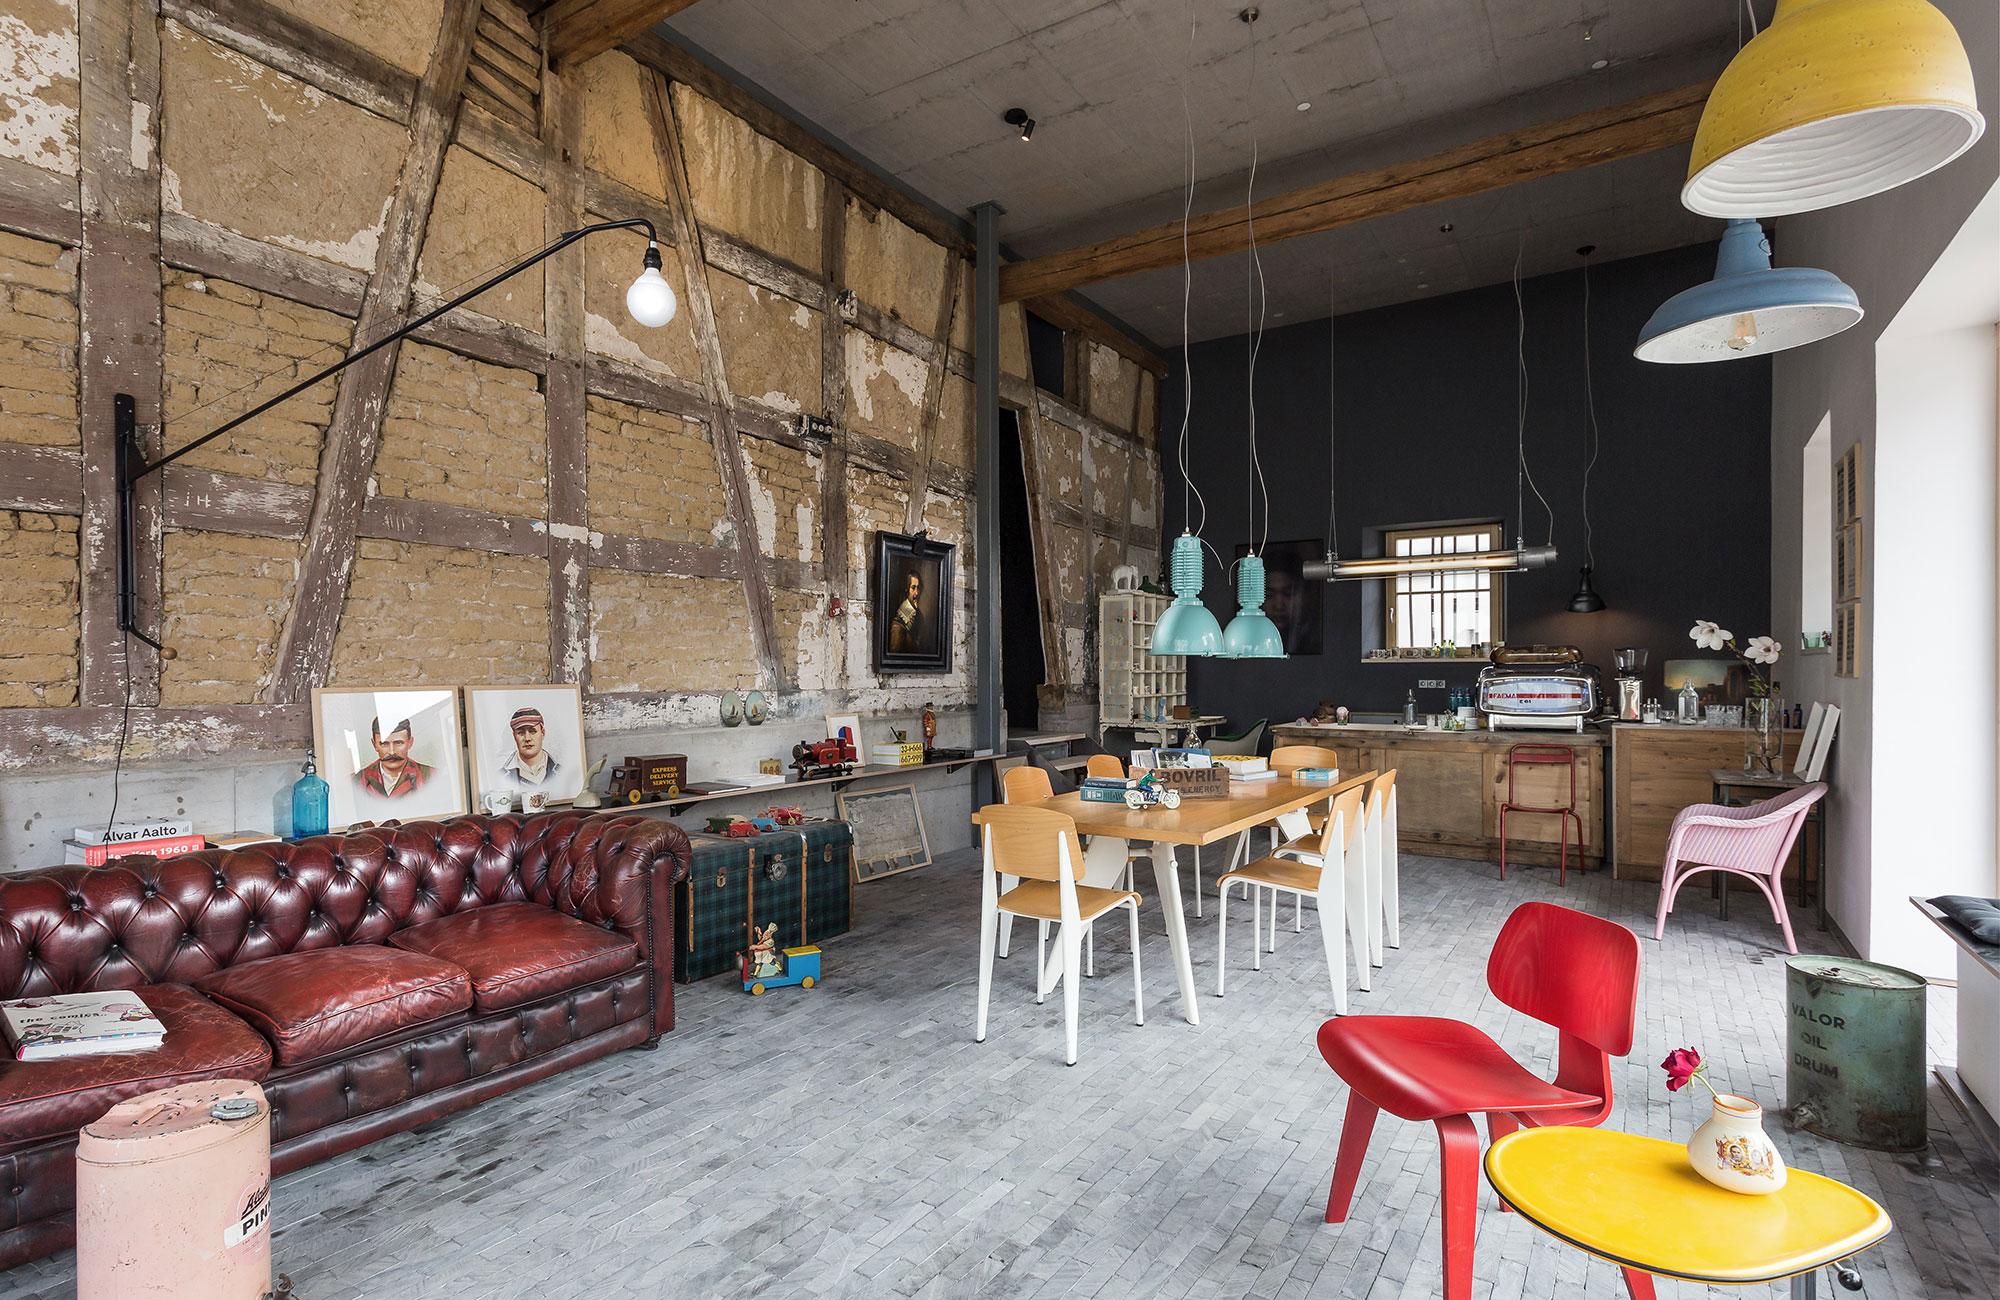 Das Friz BnB überzeugt ebenfalls mit einem tollen Interior Konzept